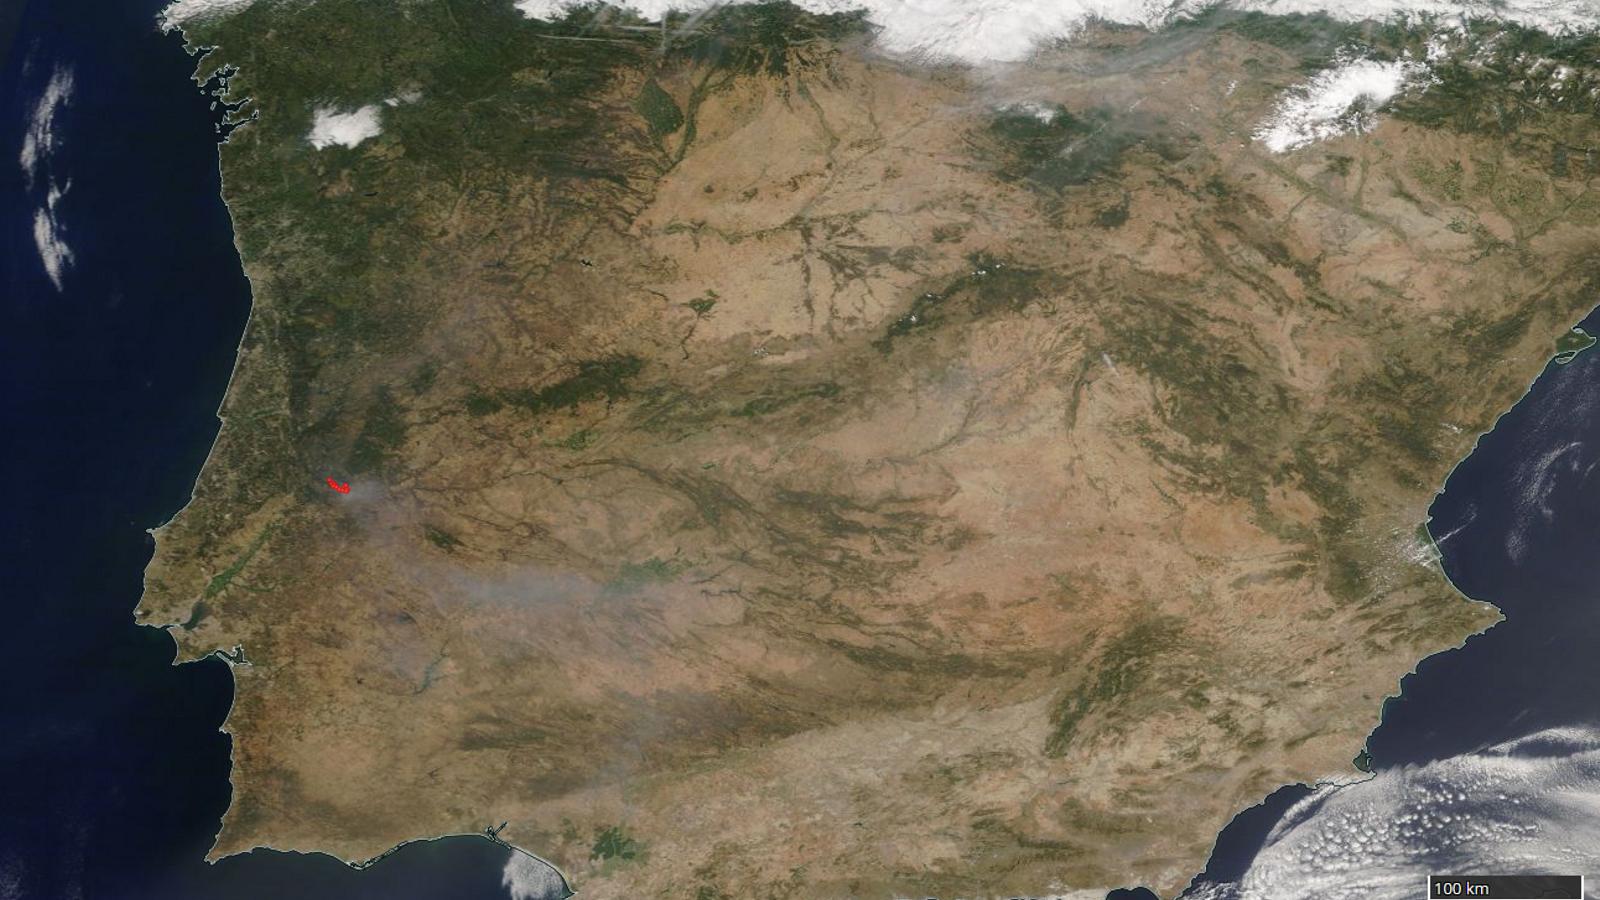 S'intueix com una zona grisosa a la imatge MODIS del satèl·lit polar Terra, corresponent al fum de l'incendi de Portugal. La zona on el foc és actiu està marcada en vermell.